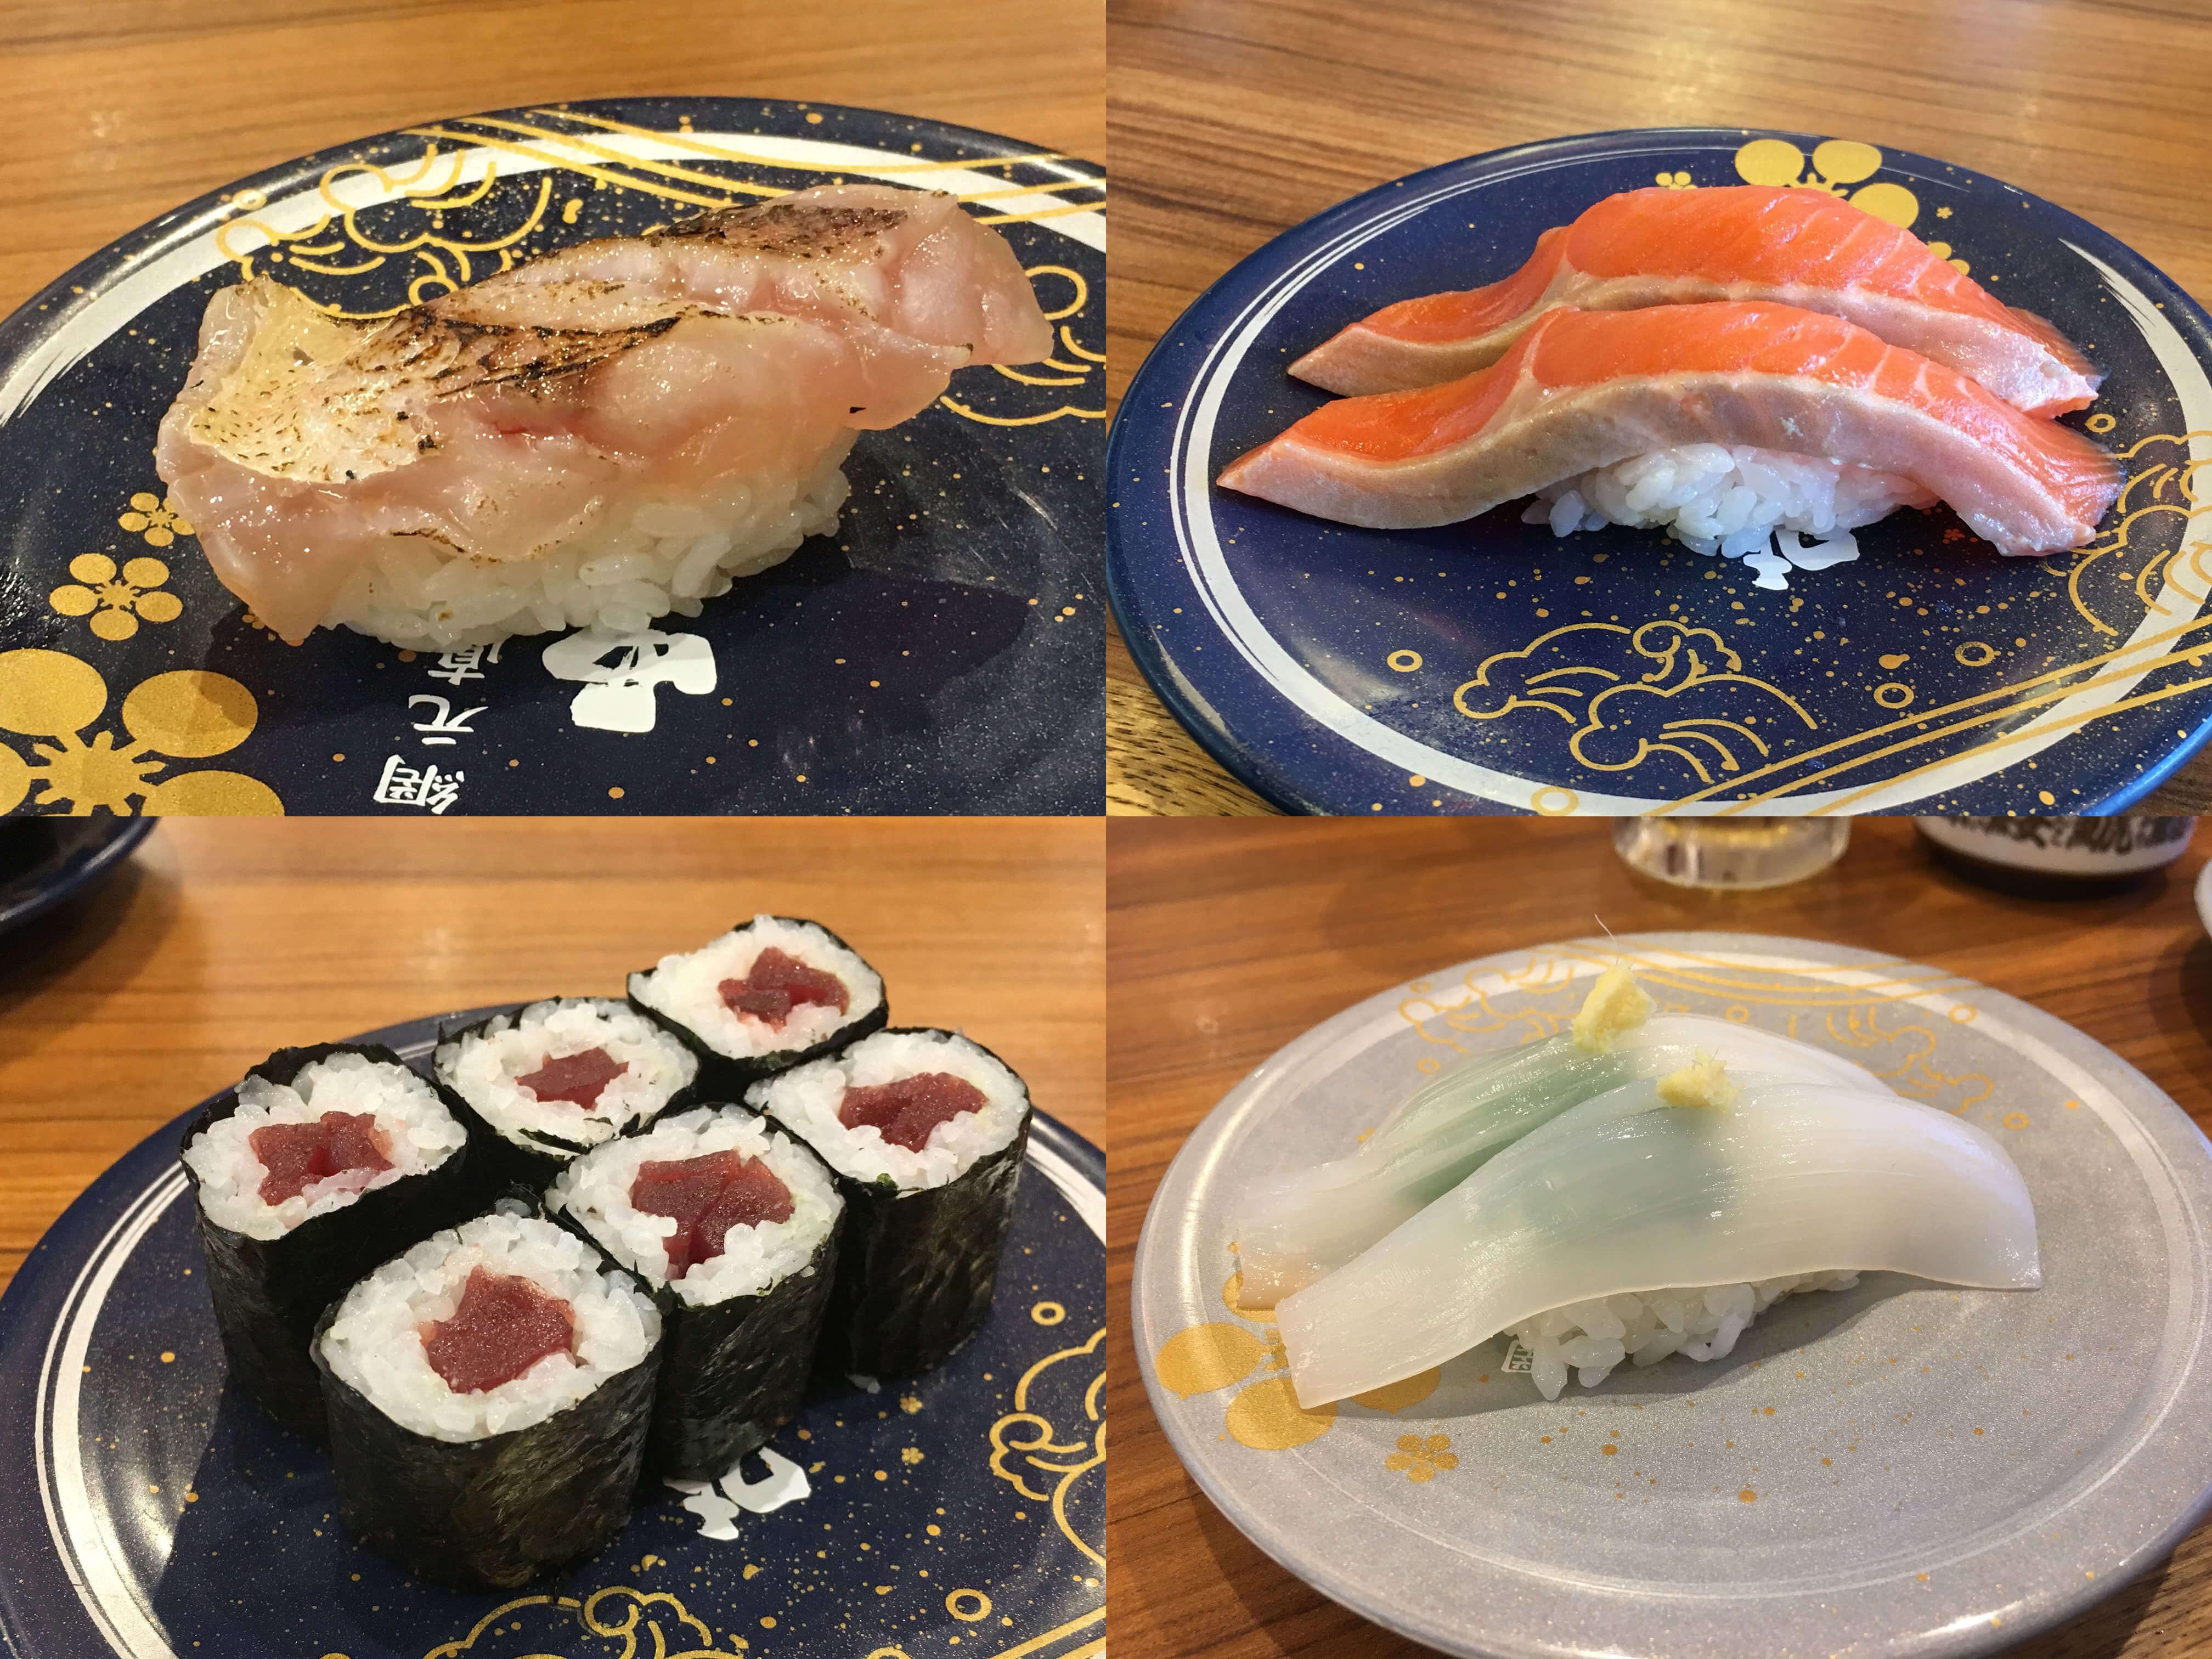 「 西海丸 」網元直営の回転寿司は志賀に行ったら必ず立ち寄りたいお店っす!!